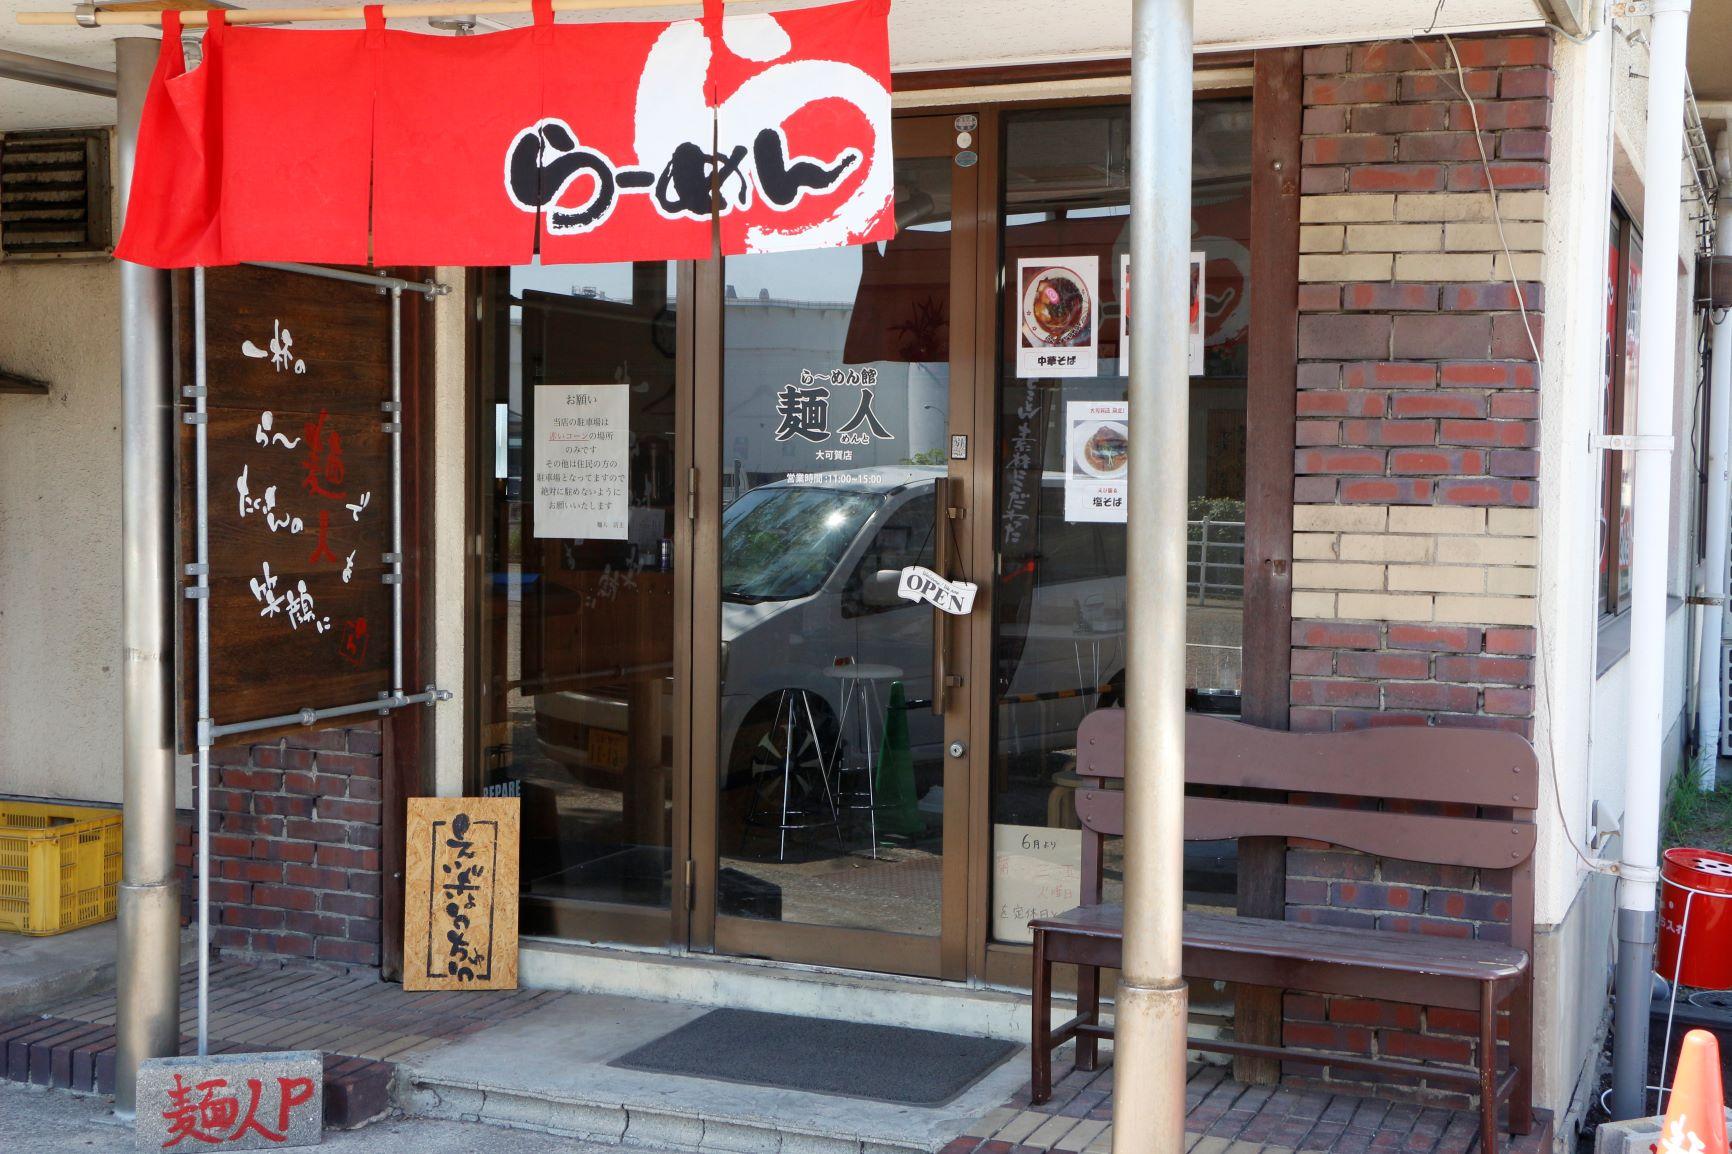 通常価格変更のお知らせ【麺人 大可賀店様】